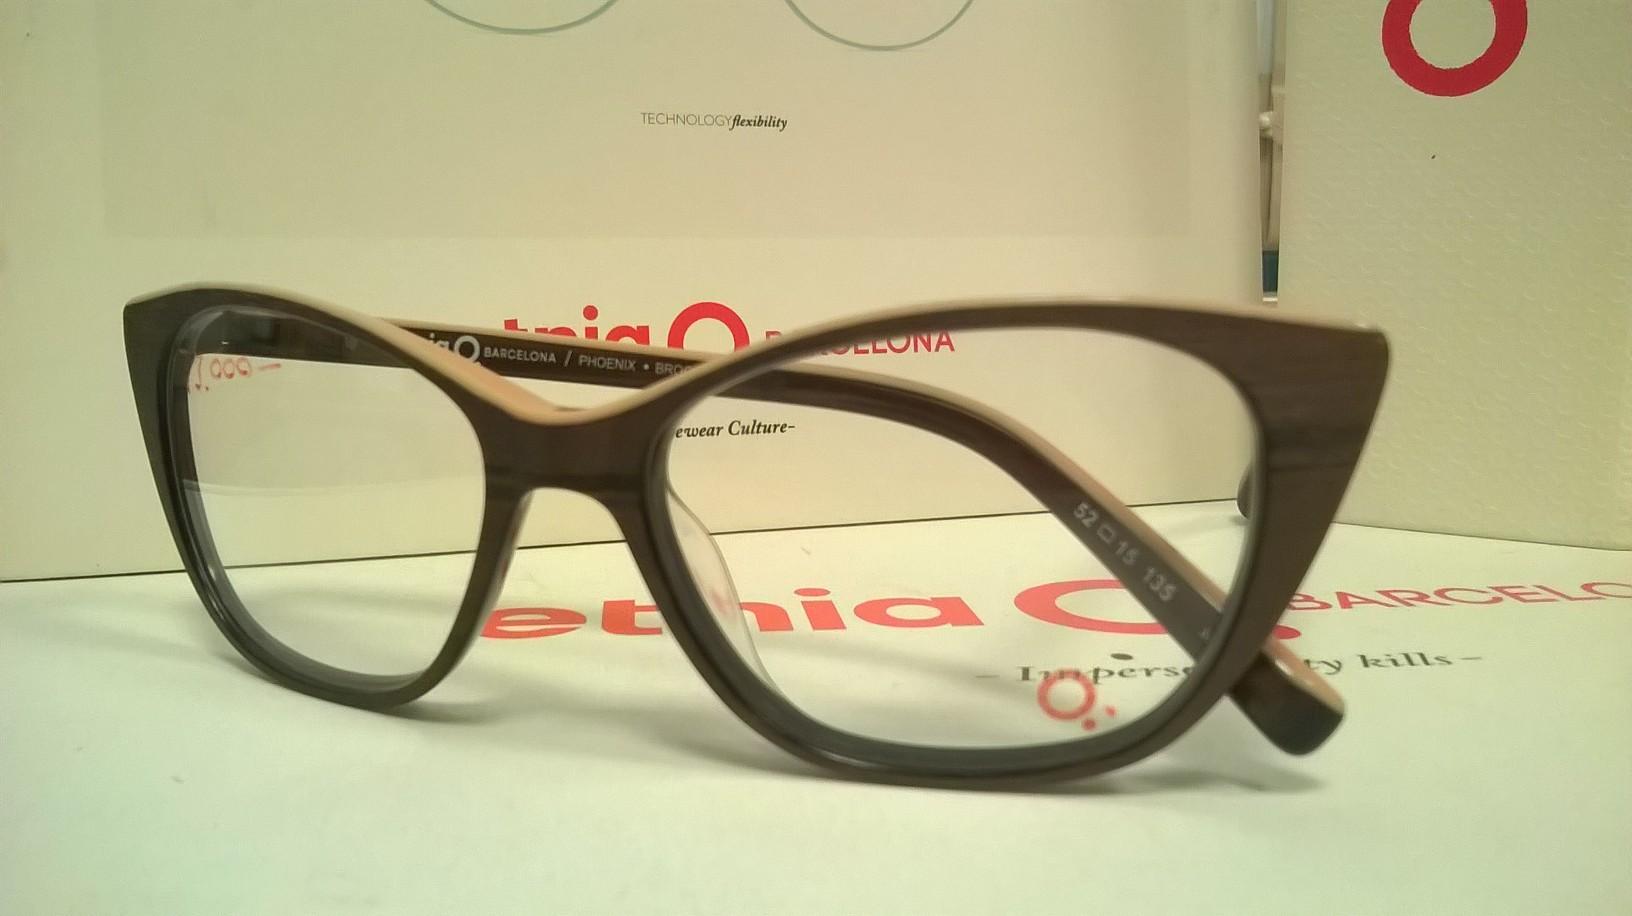 Etnia Barcelona szemüveg · Etnia Barcelona szemüveg ... 8c05c2a951